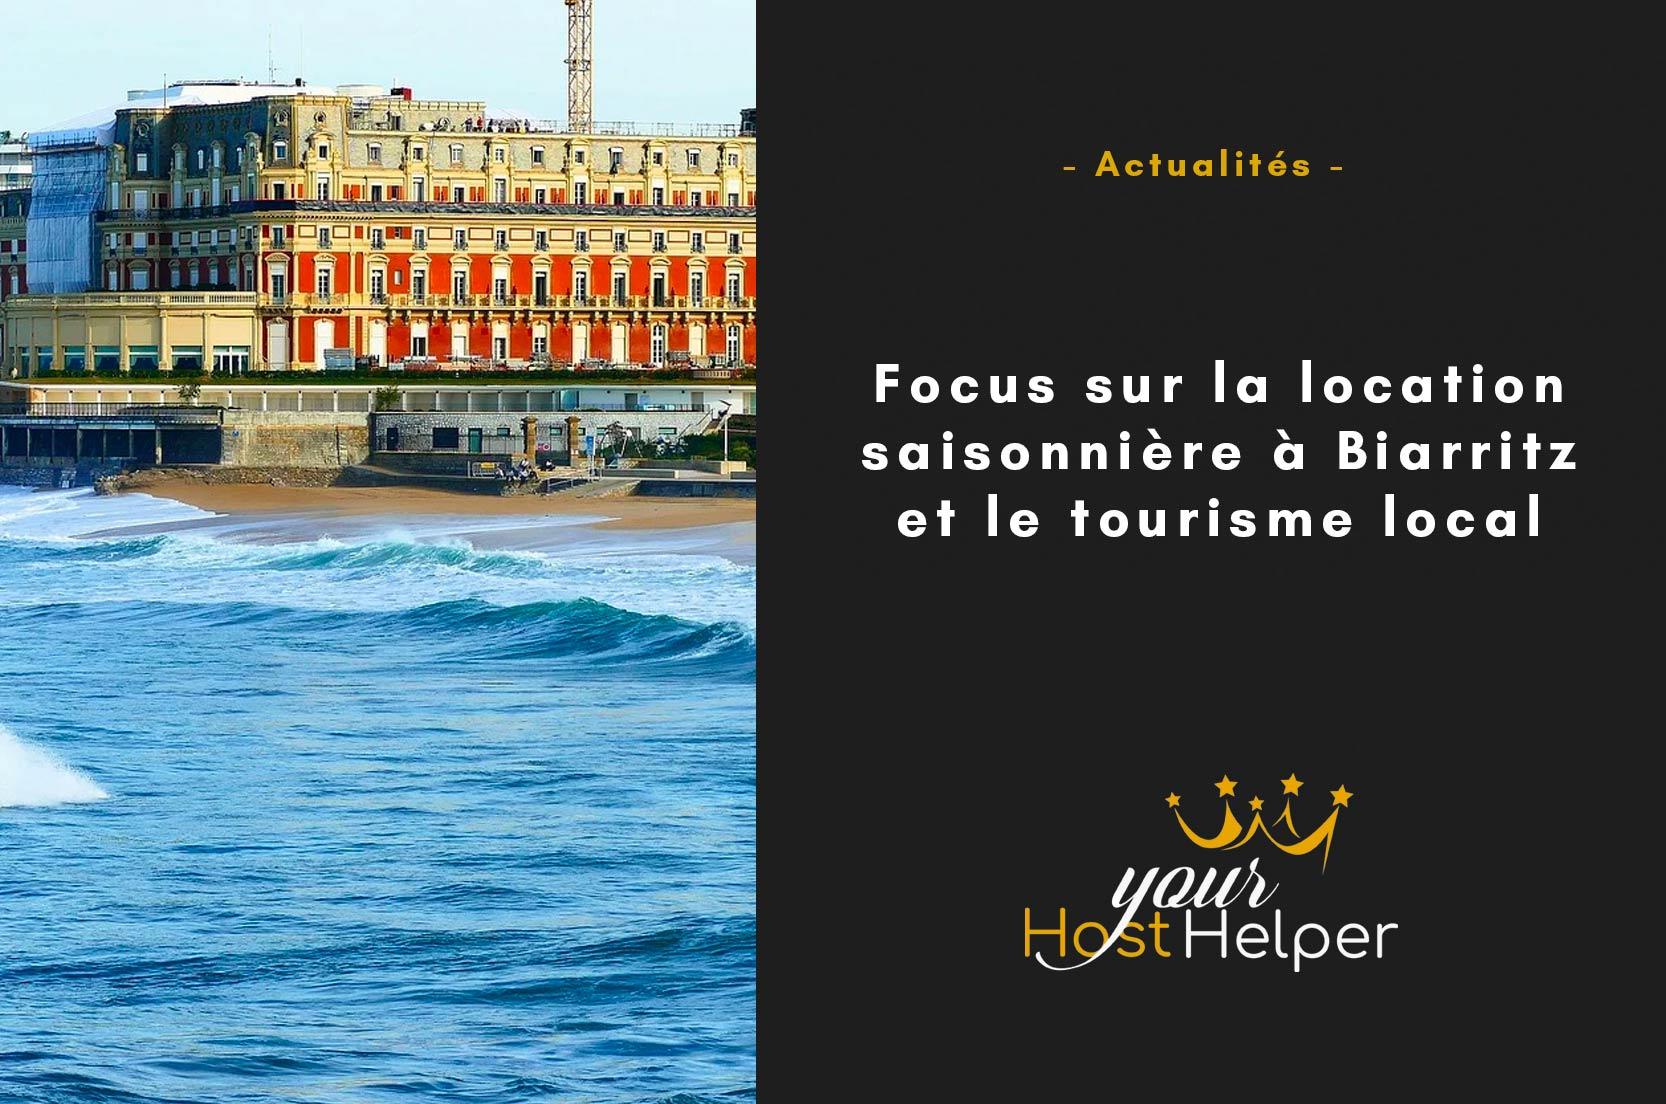 Focus sur la location saisonnière à Biarritz et le tourisme local